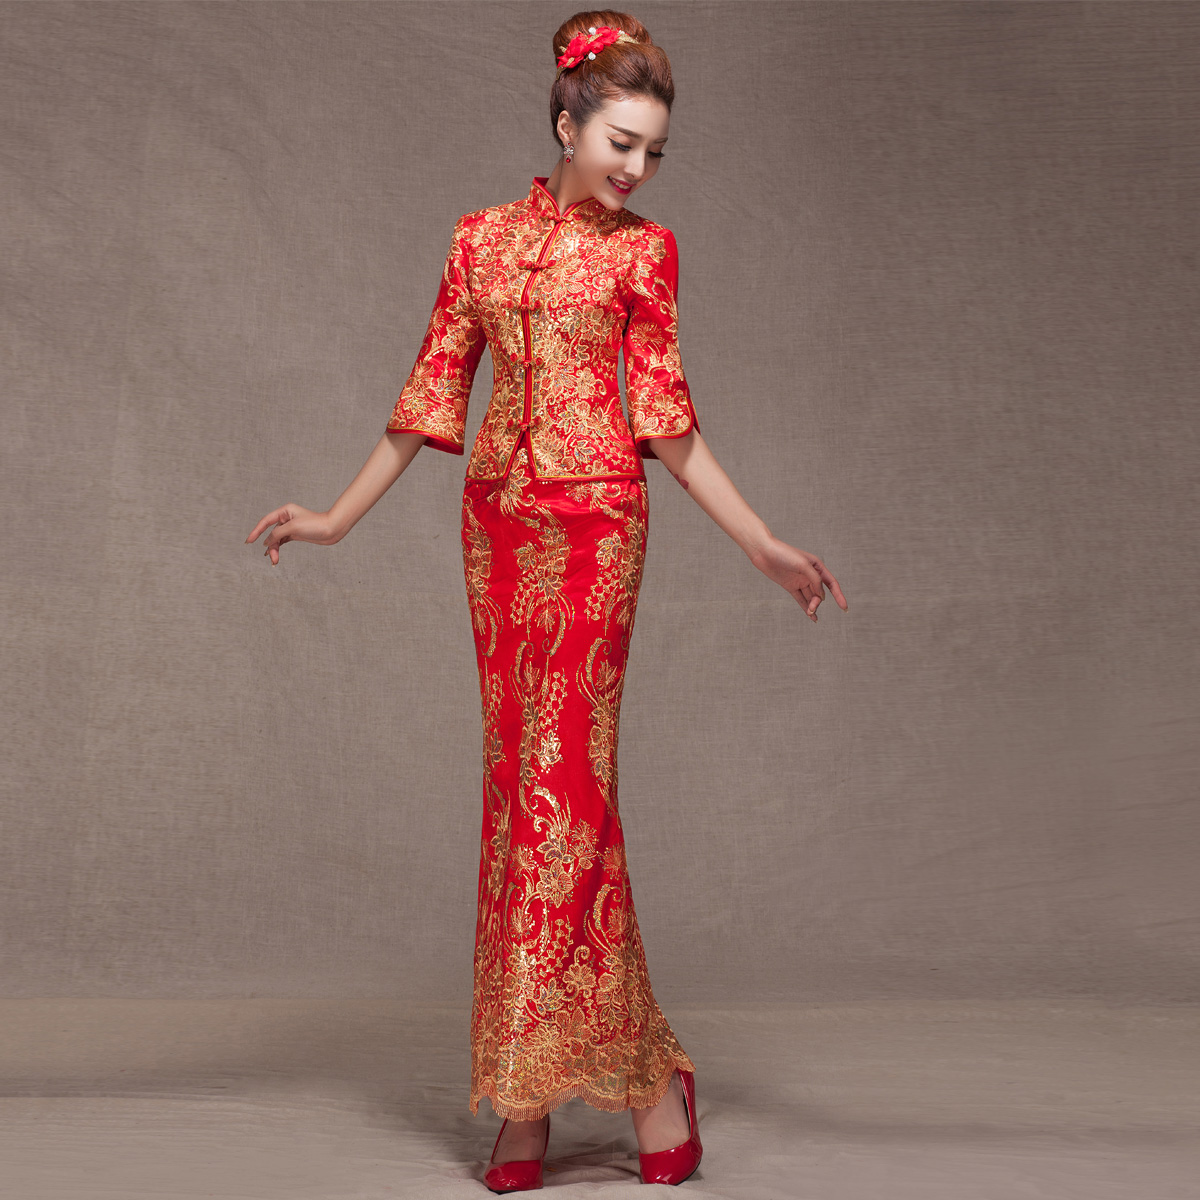 2015夏新款丝绒时尚改良长款旗袍裙修身日常旗袍显瘦连衣裙女大码